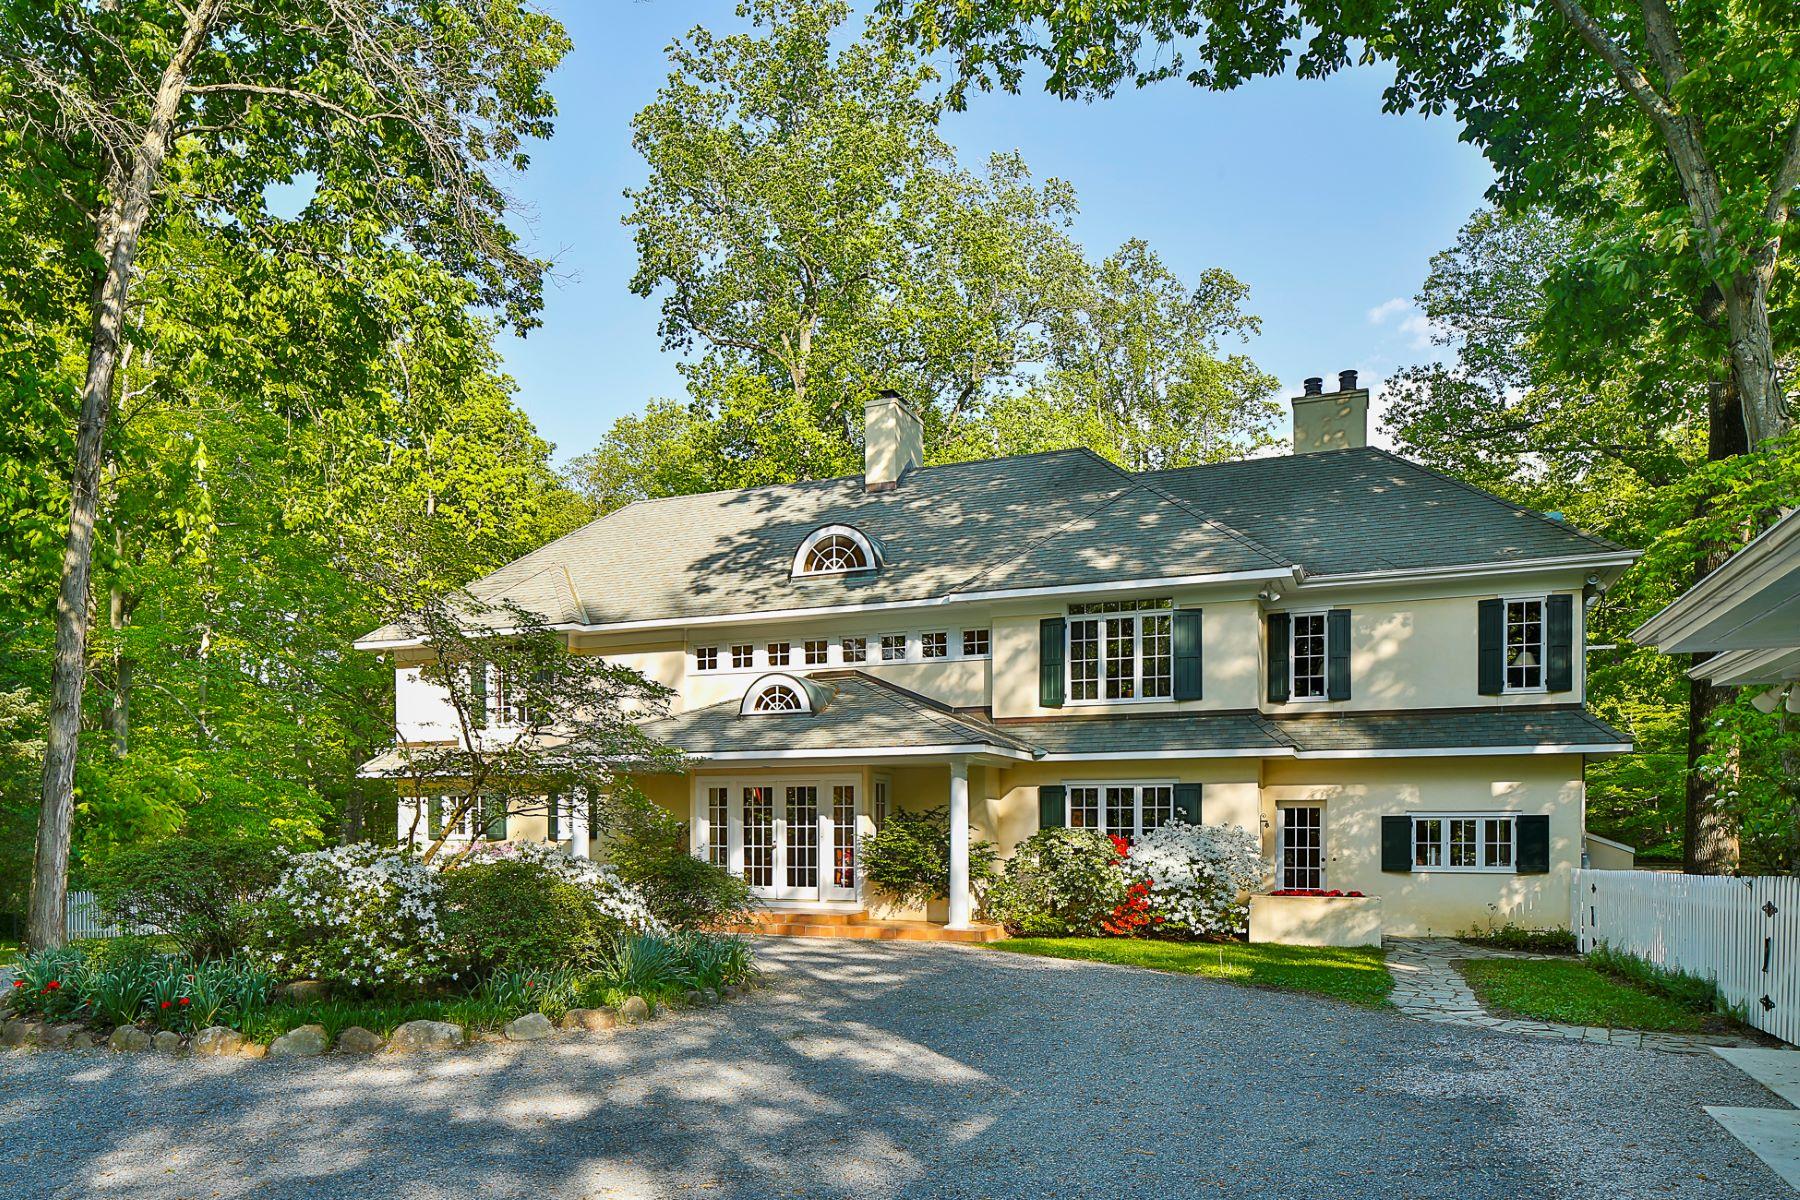 Maison unifamiliale pour l Vente à Privacy, Peace, Tranquility 188 Cherry Valley Road Princeton, New Jersey, 08540 États-Unis